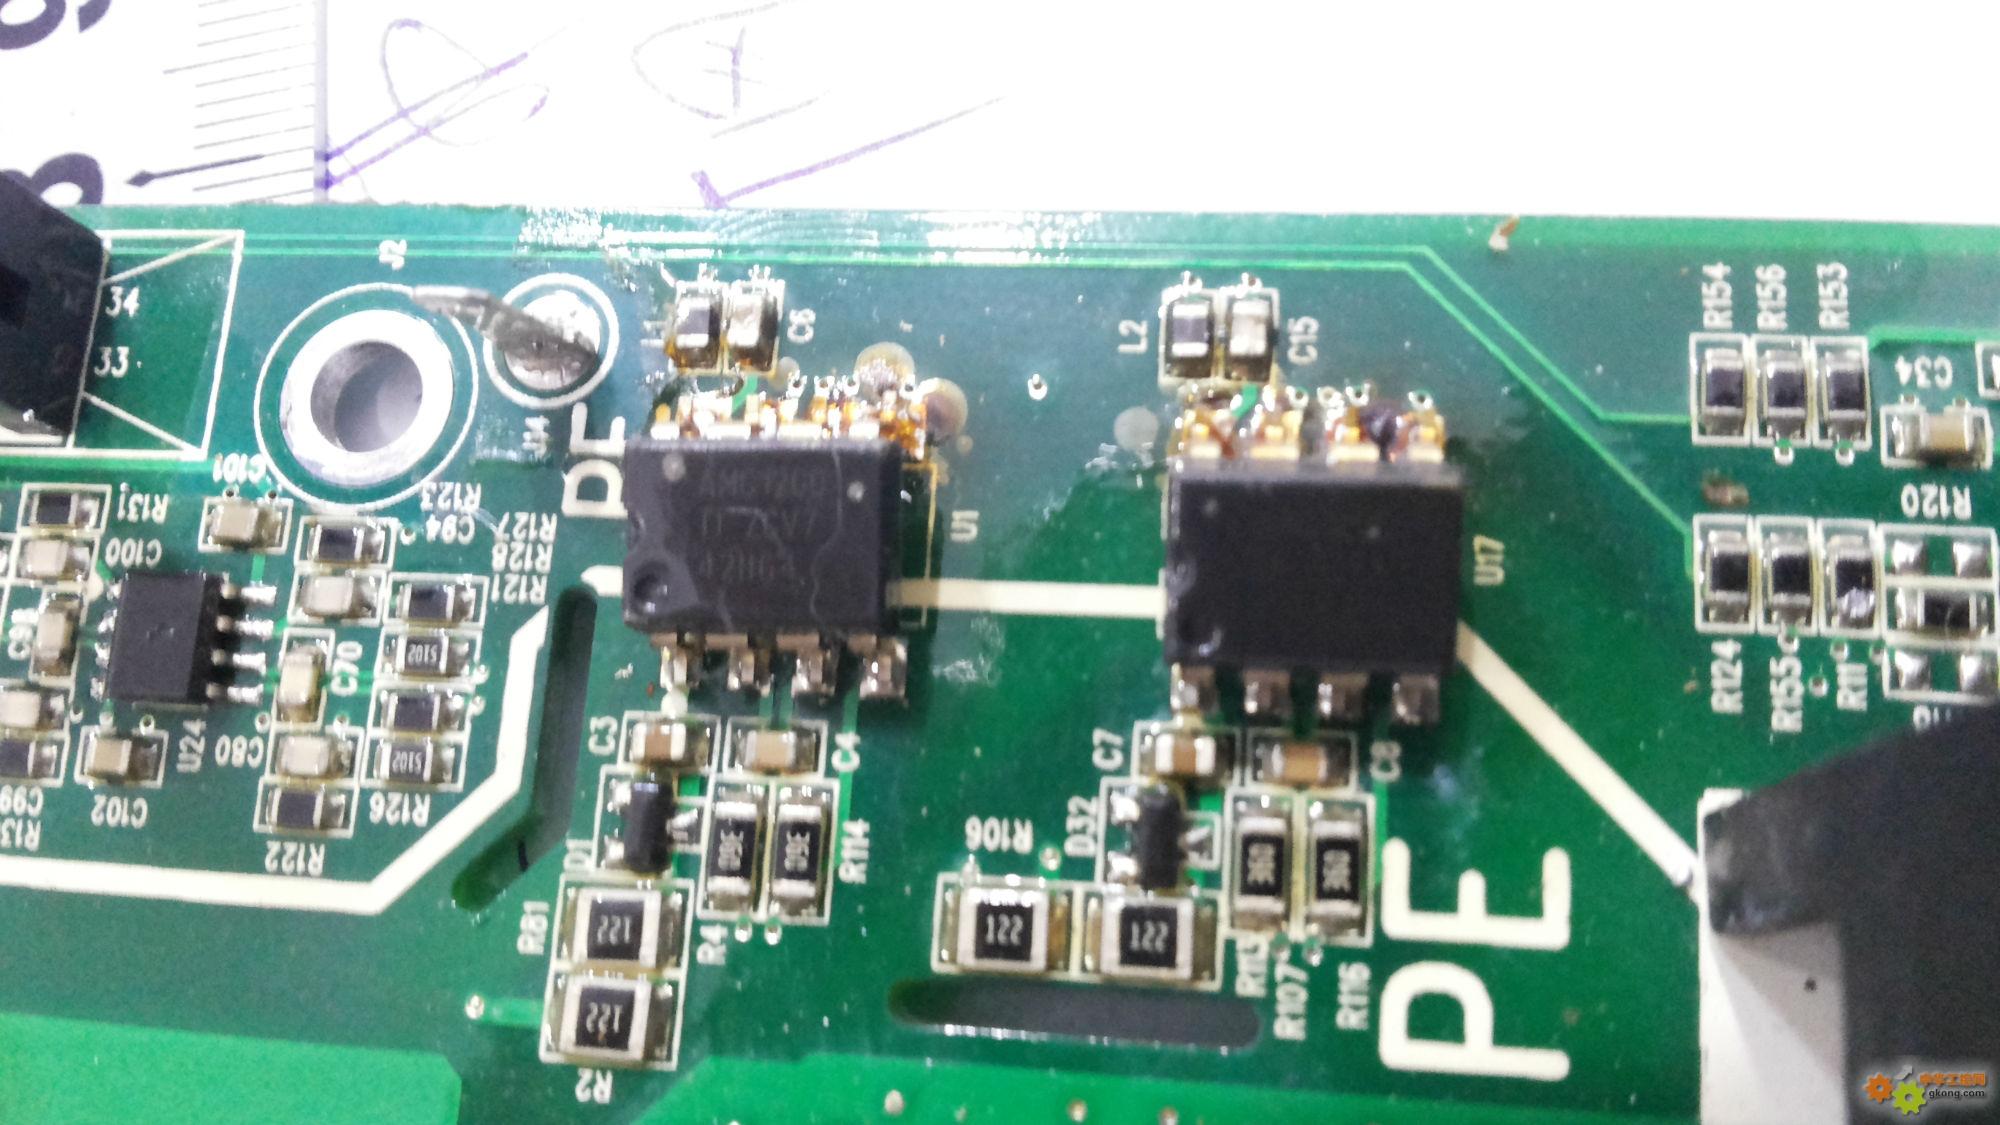 沃森变频器VD300上电无显示,检查模块整流桥部分断路,PN端子对UVW各项断路,炸机维修中变频器通过把炸掉的模块拆掉,检查电源部分基本正常,在PN端直接上电500V,面板有显示,显示故障代码是ER19,说明书说是电流检测故障,查看电路为两个运放AMC1200,把运放的输出端全部断开,机器显示正常了,估计是运放受电流冲击挂了,运行频率正常操作正常,查看各个驱动电压只有两路正常,用示波器检查TL350的输入脚有波形输入,6路波形都很正常,检测各路电源都正常了,光耦输出端只有两路有驱动波形,手里没有TL350